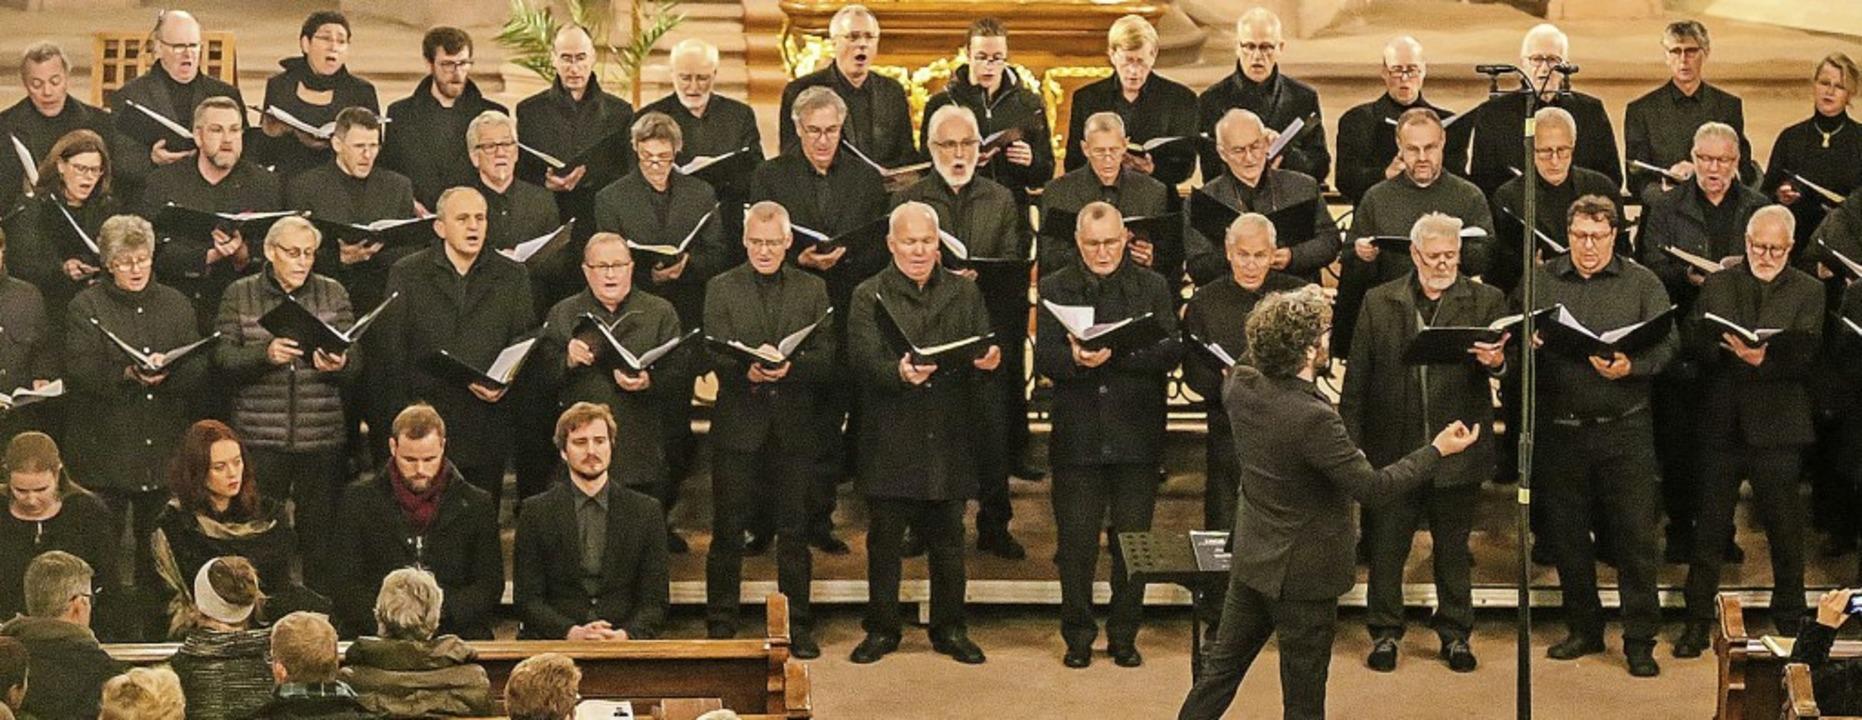 Die Sängerinnen und Sänger gaben in der gut besuchten Kirche ihr Bestes.   | Foto: Sandra Decoux-Kone